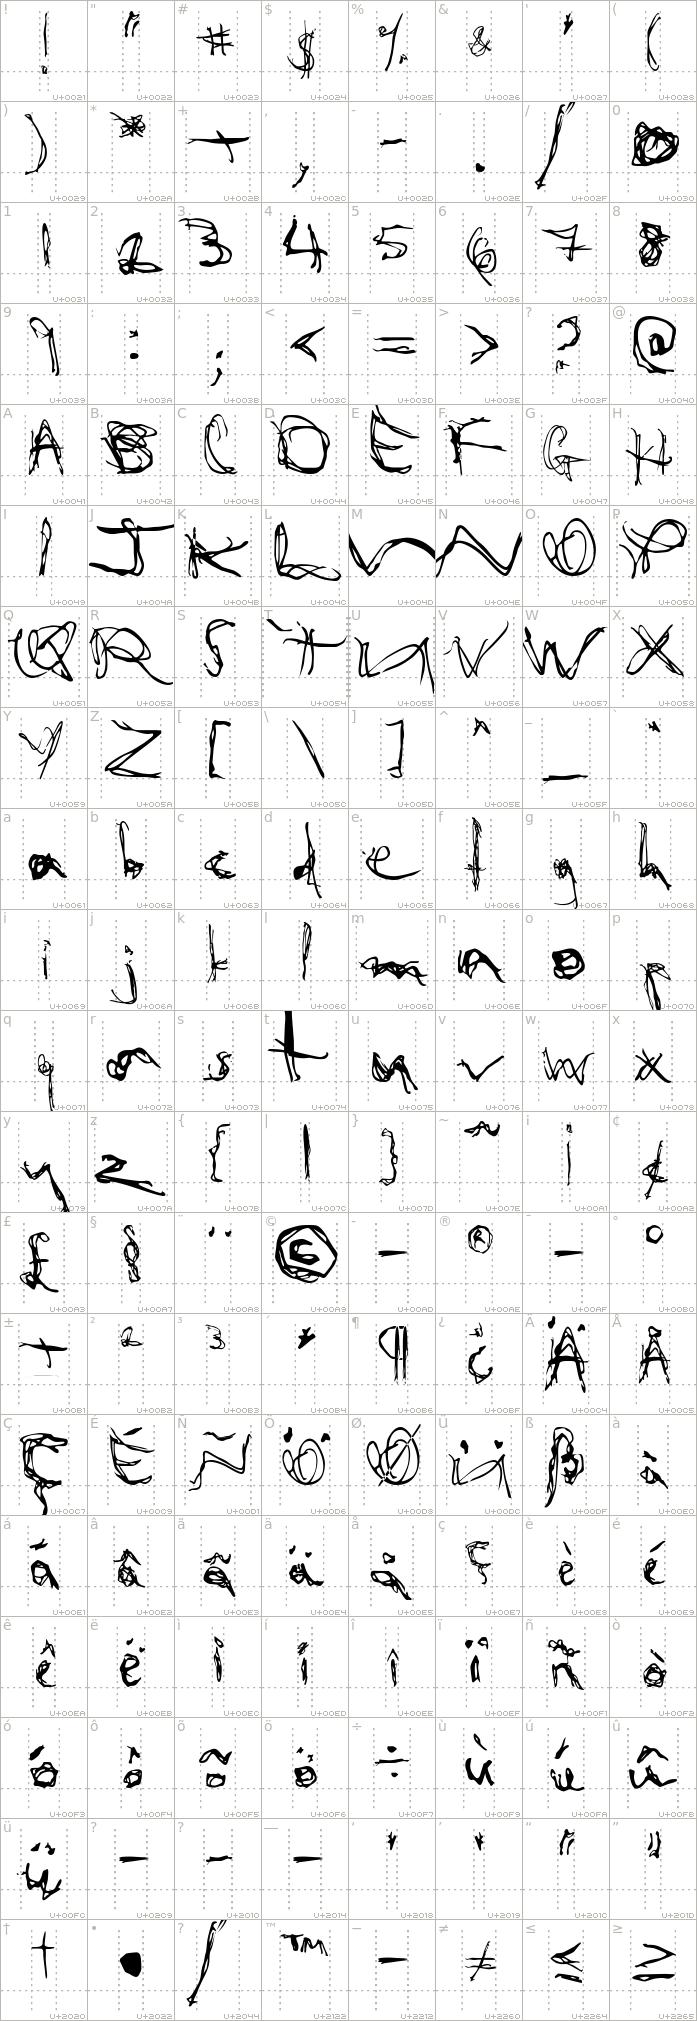 dispose101.regular.character-map-1